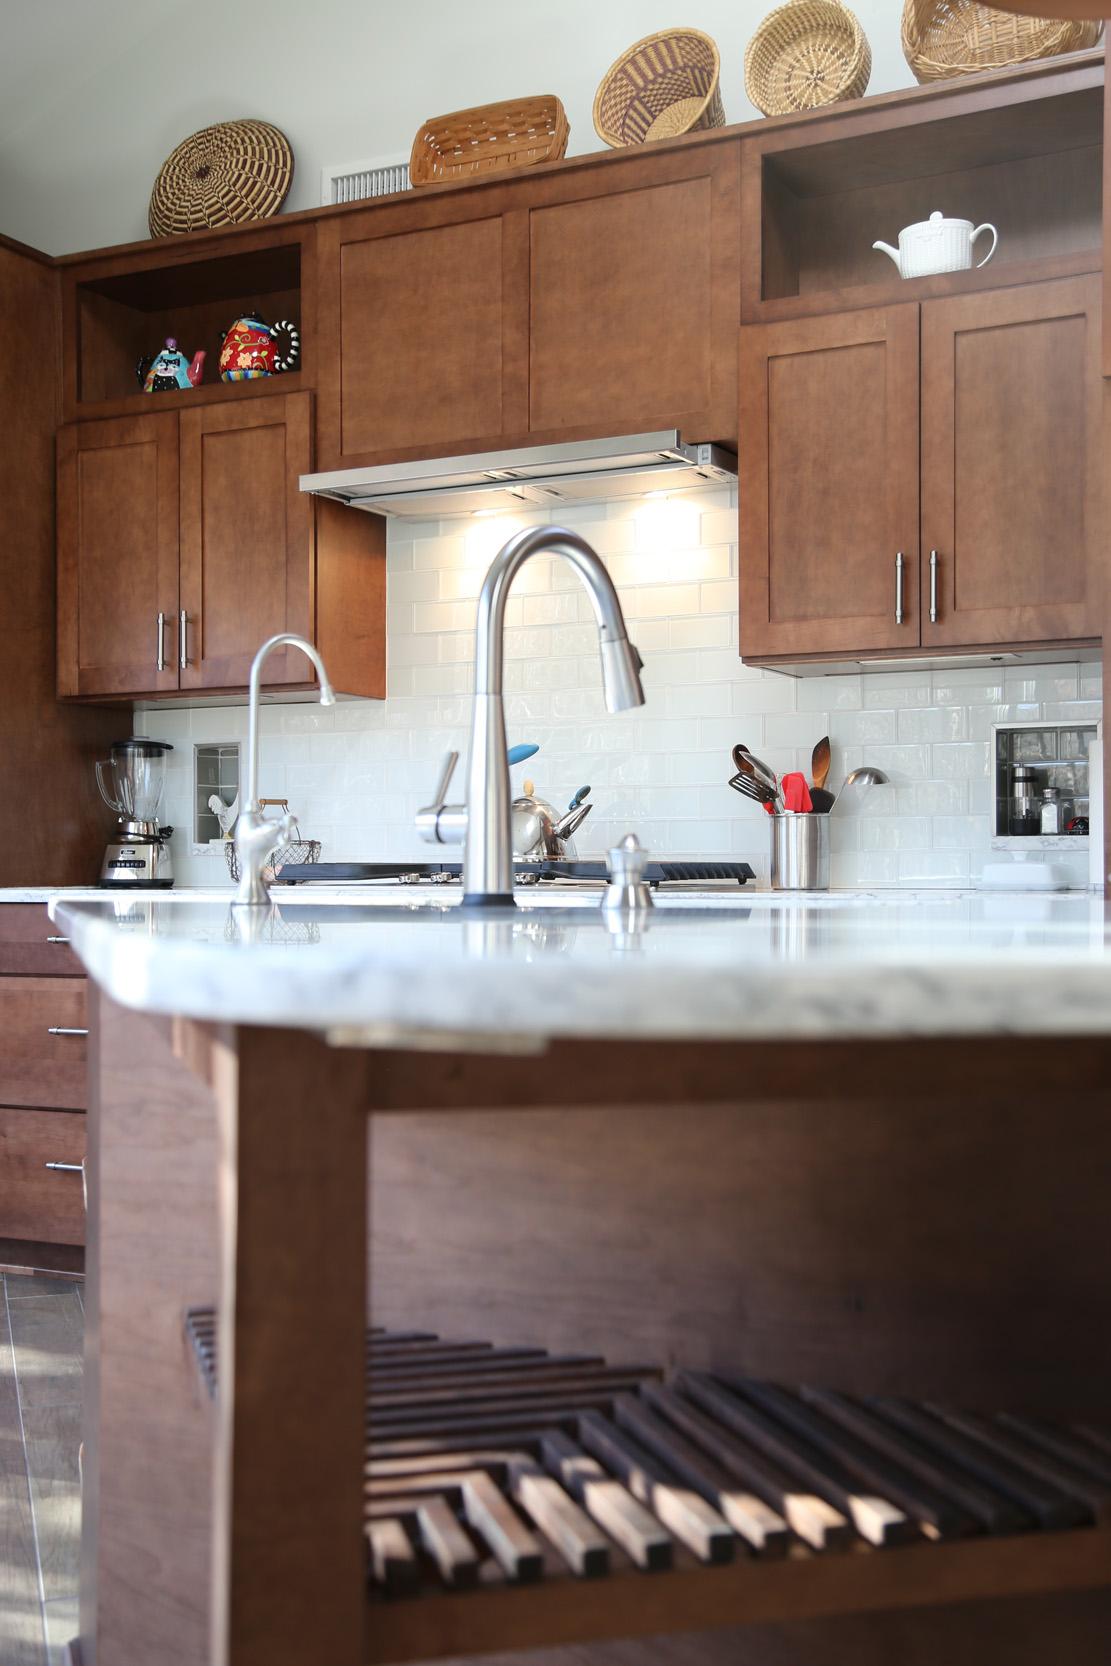 Halcyon kitchen renovation_TaylorsGap9.jpg